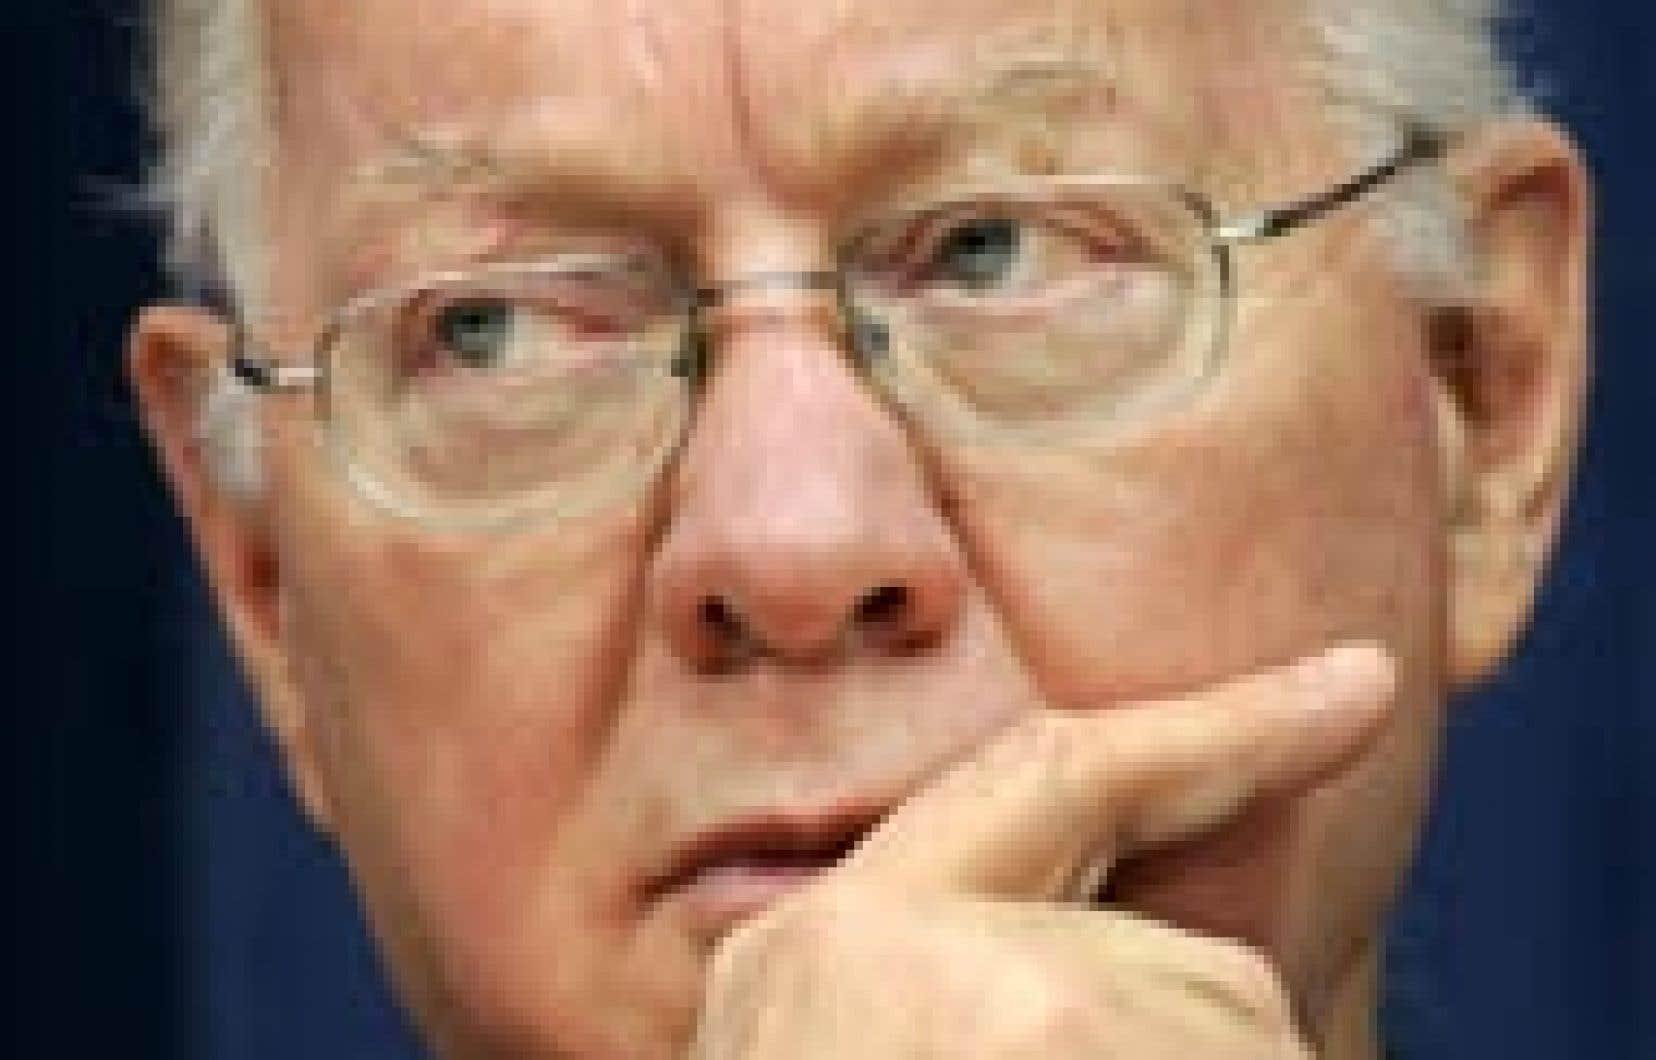 L'enquête du juge John Gomery devrait avoir coûté 32 millions au trésor public lorsqu'il remettra son rapport.